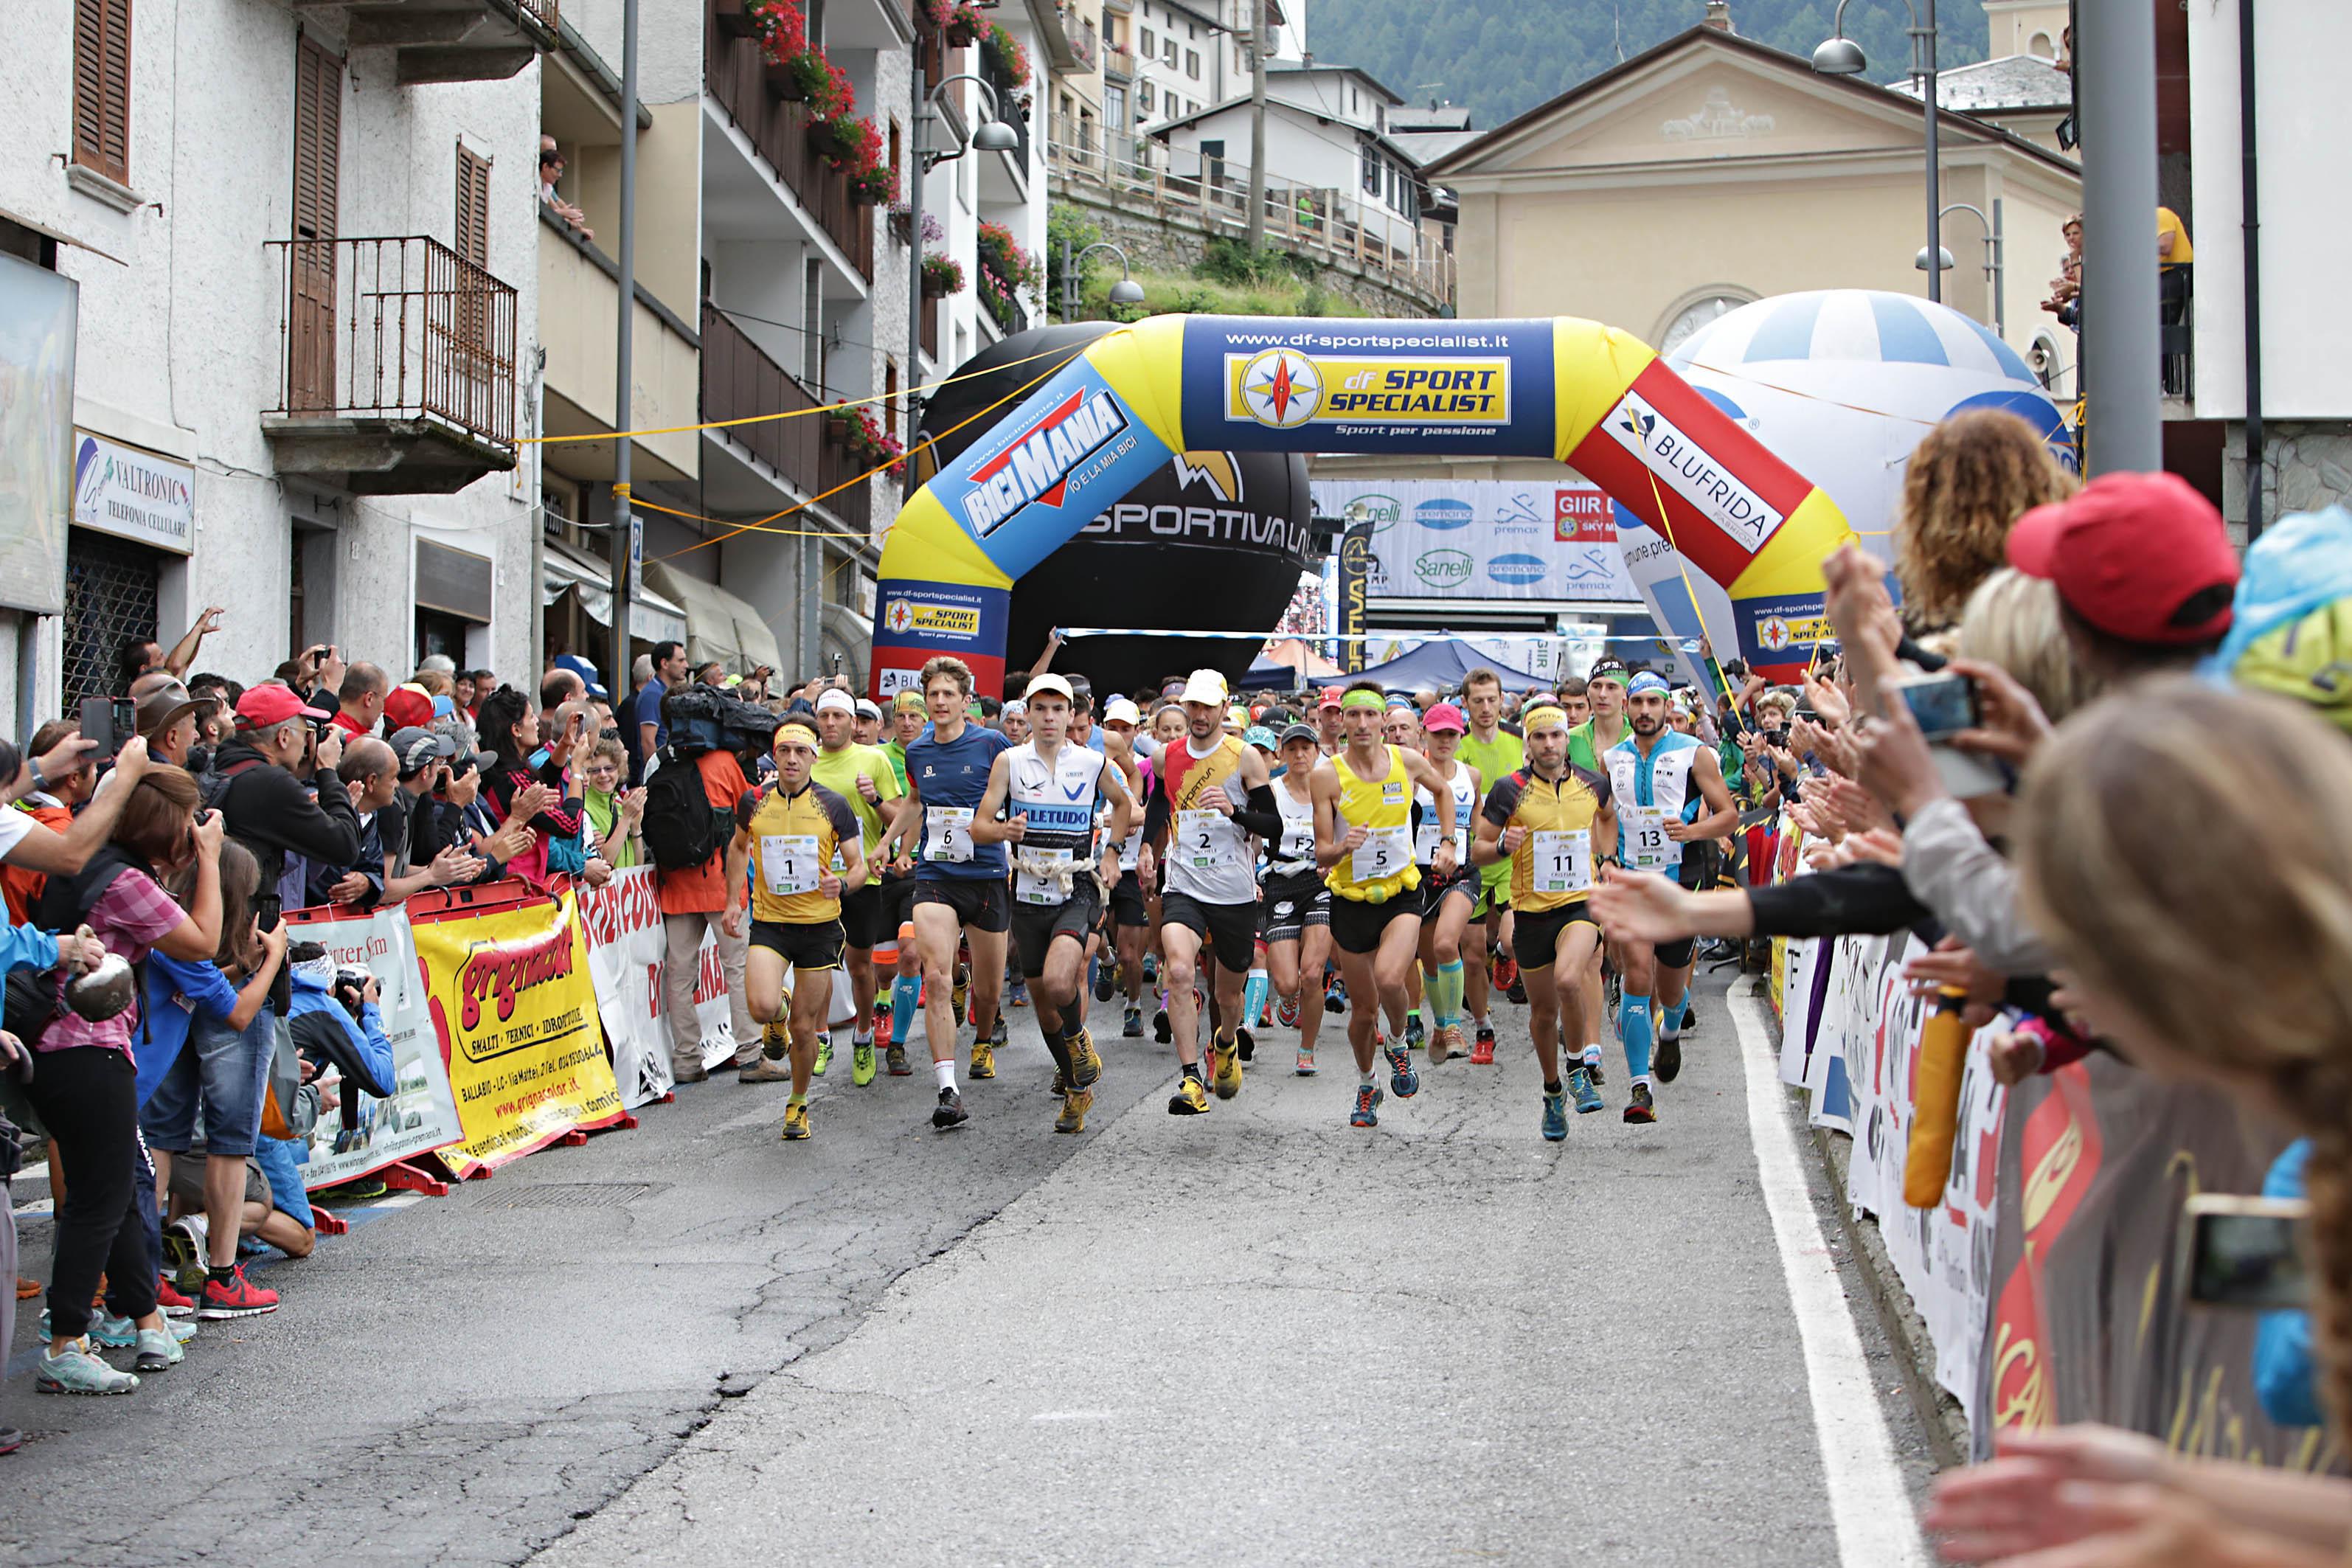 Mondiali lunghe distanze montagna a Premana (Lc)- I favoriti